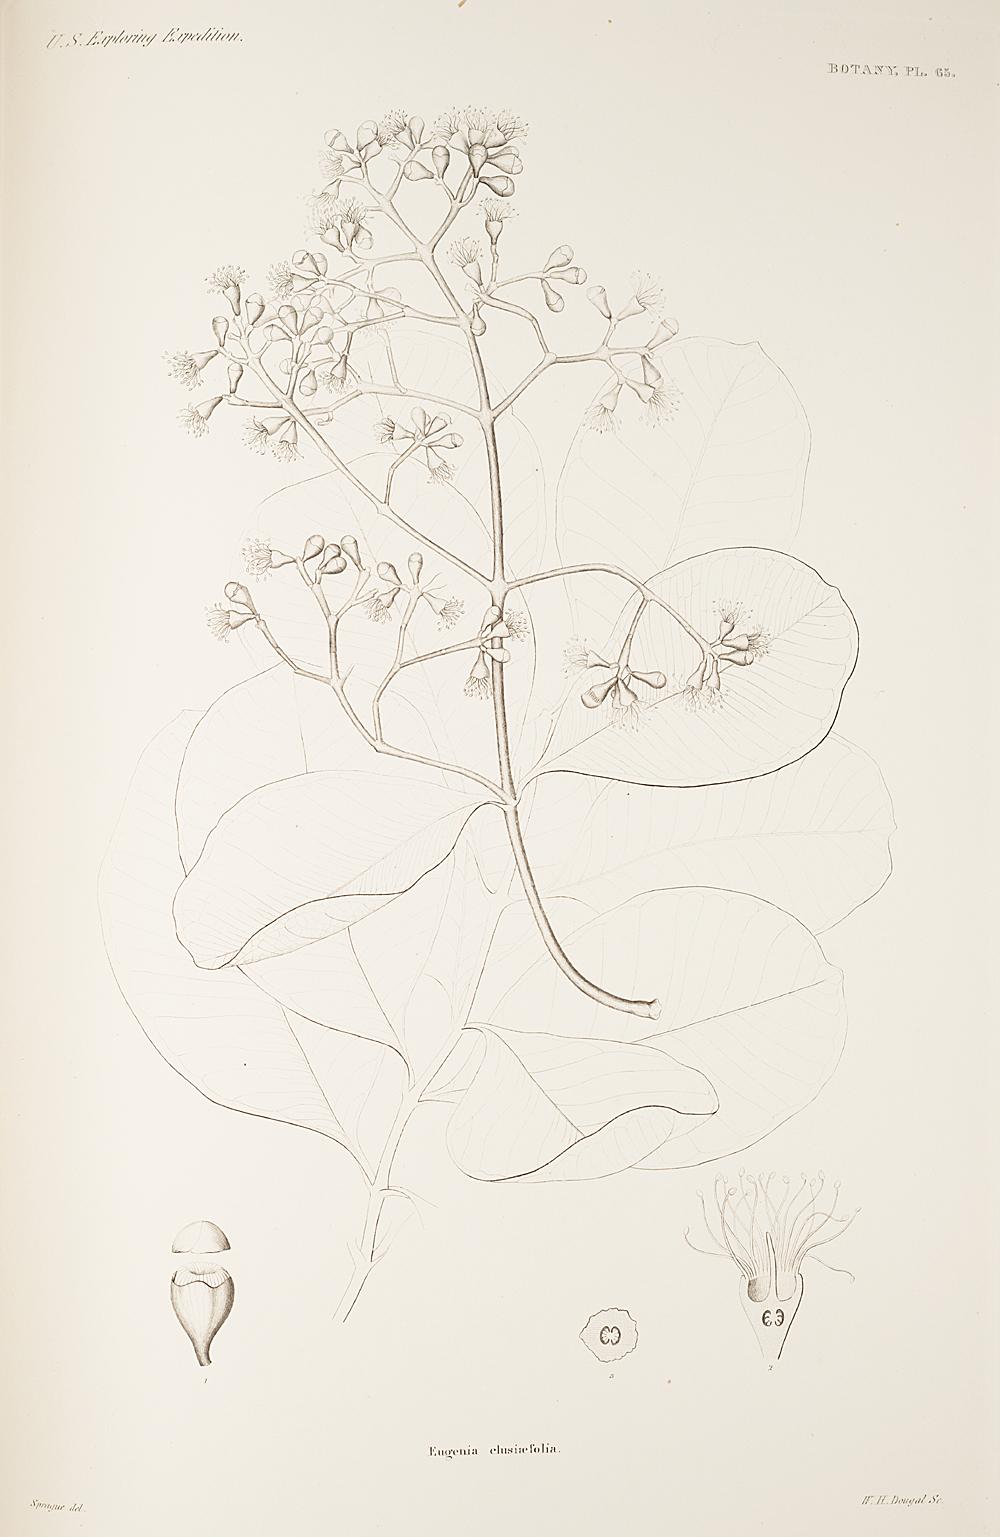 Botany, Pl. 65,  Image number:sil19-23-141b